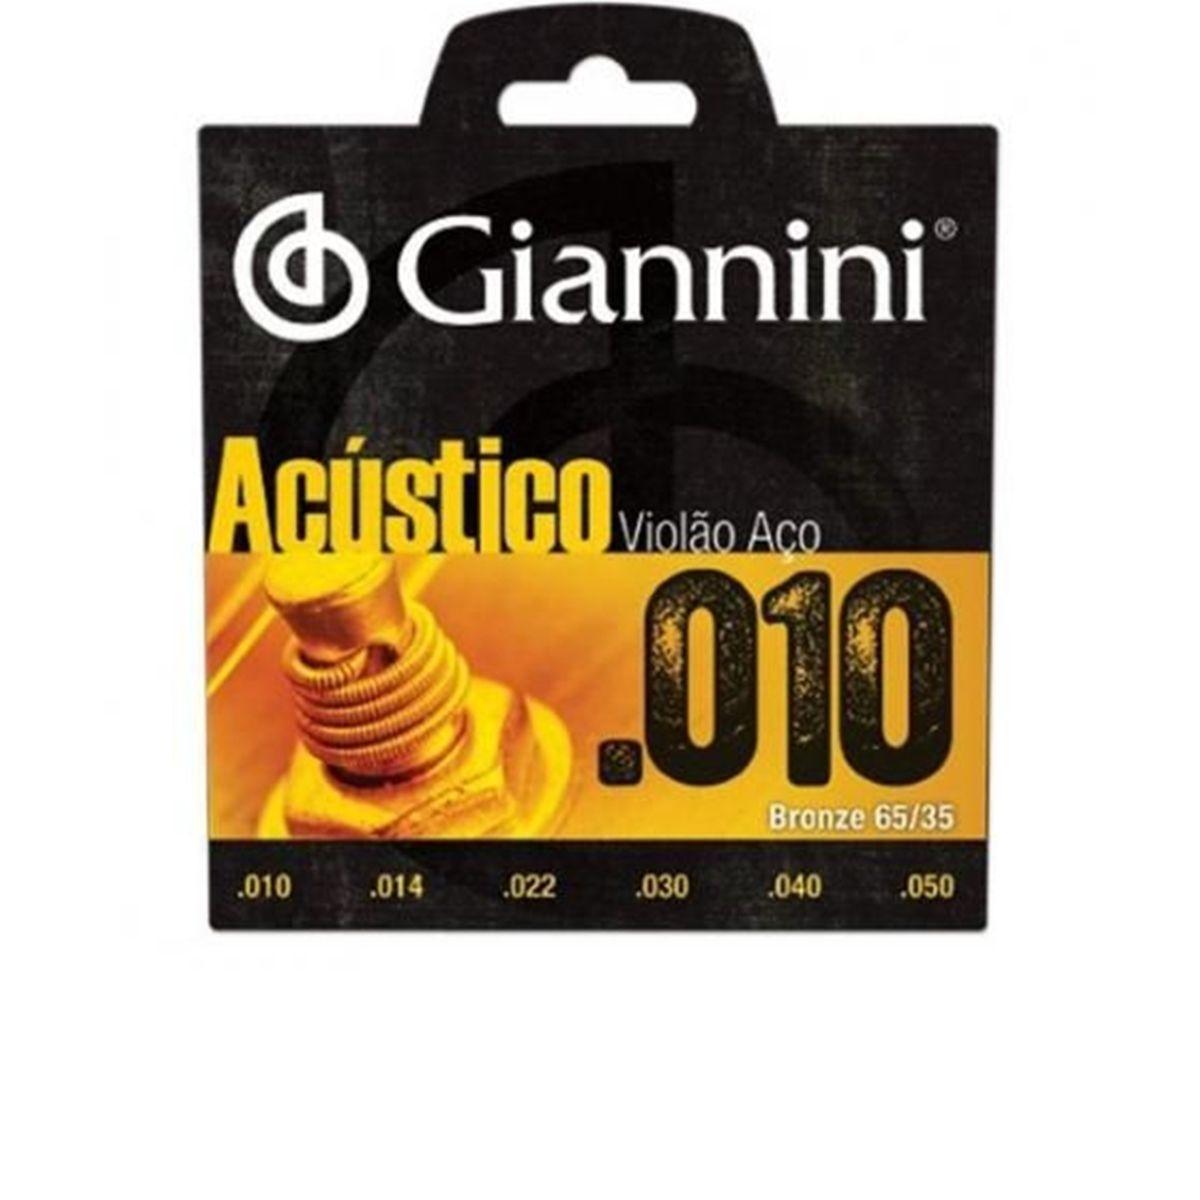 Encordoamento de Violão Aço Giannini Acústico 0.10